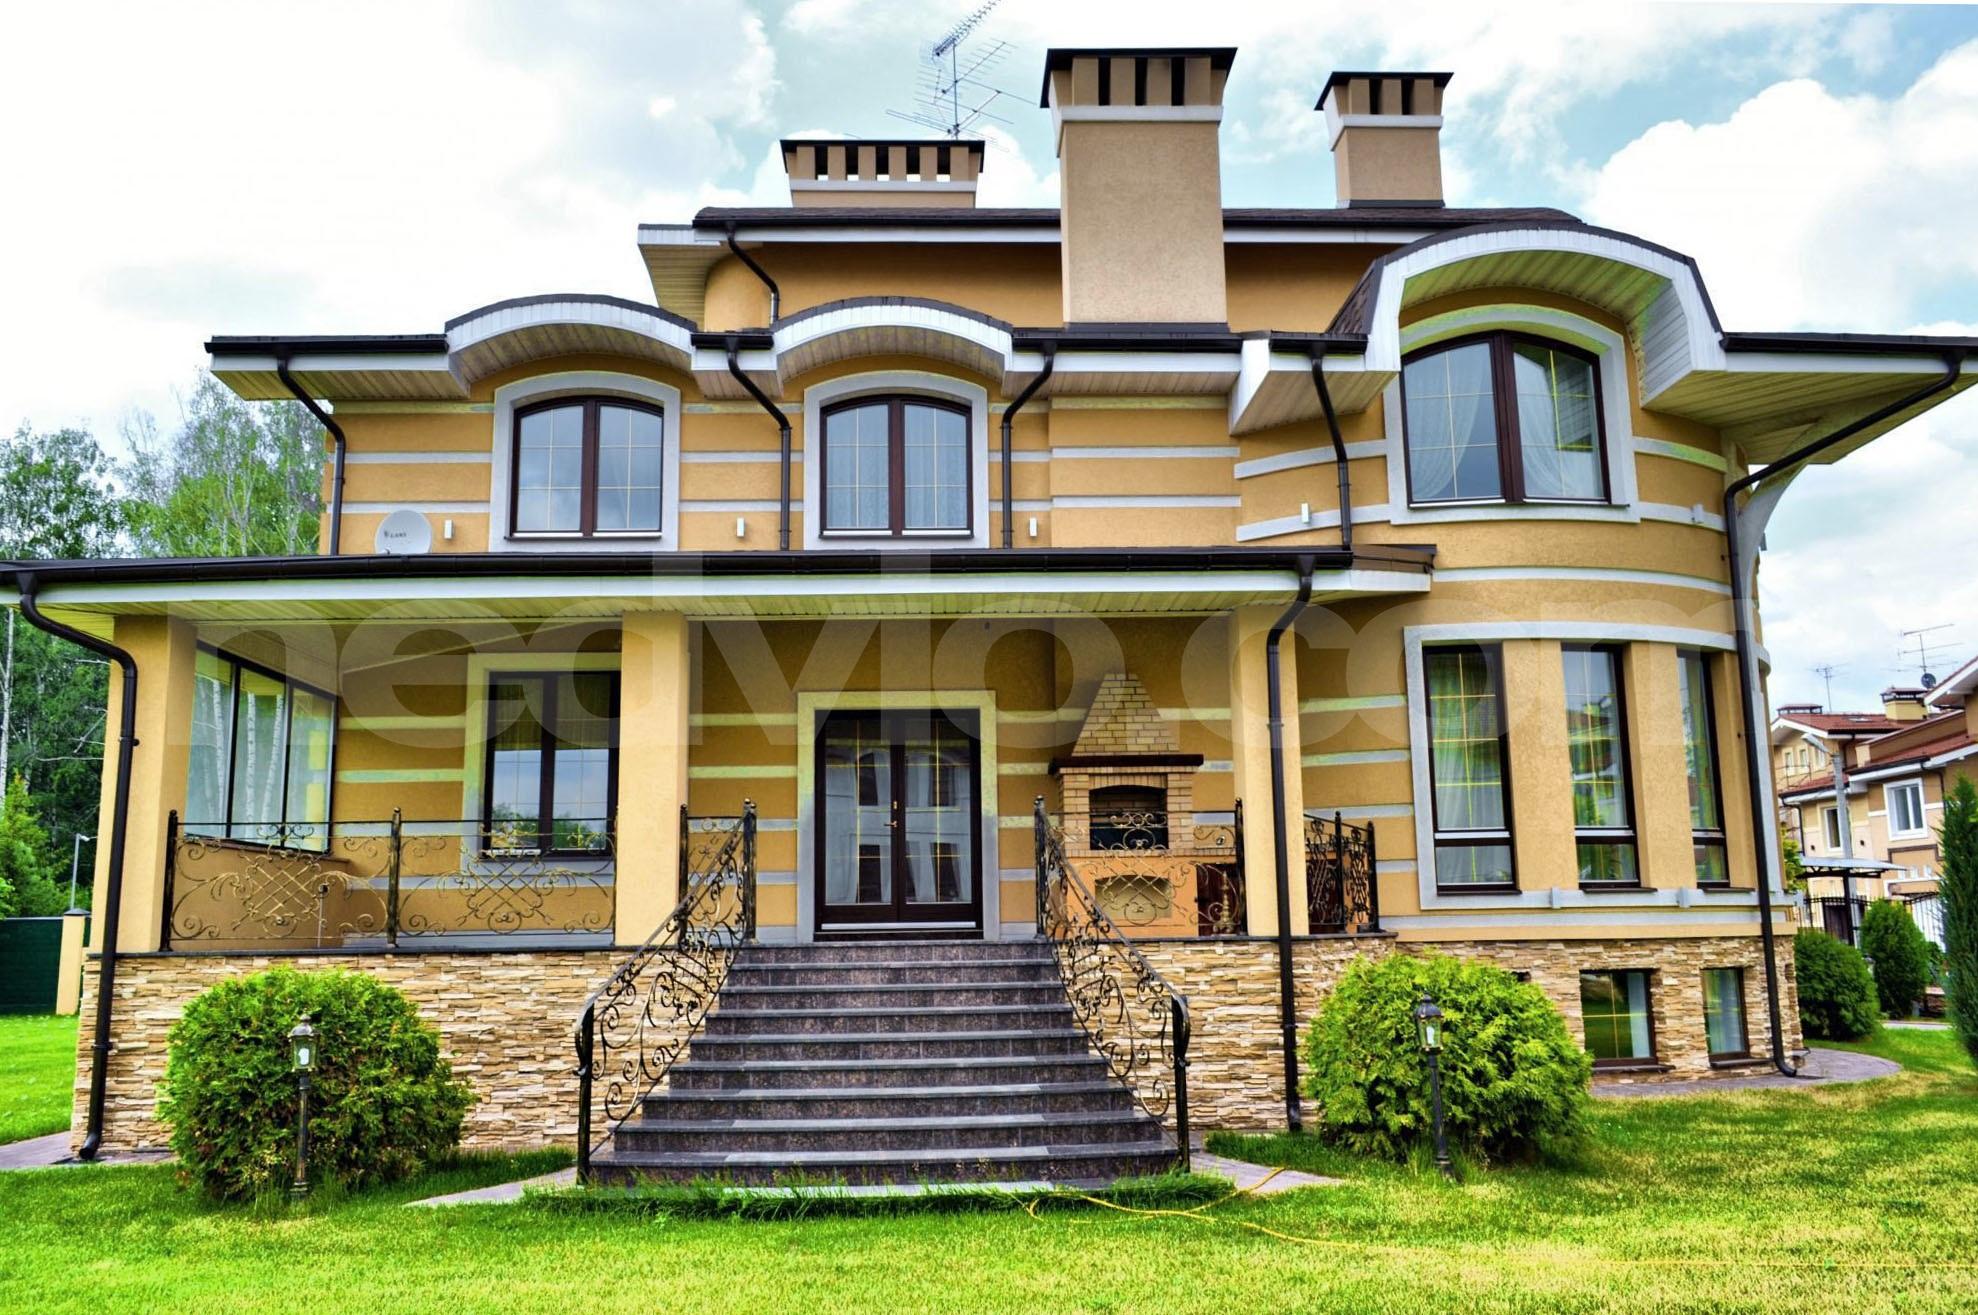 Отображать на странице 15 30 60  дом в поселке бизнес-класса представляет собой строение площадью кв.м, при этом площадь прилегающего участка земли должна быть не менее 10 соток.